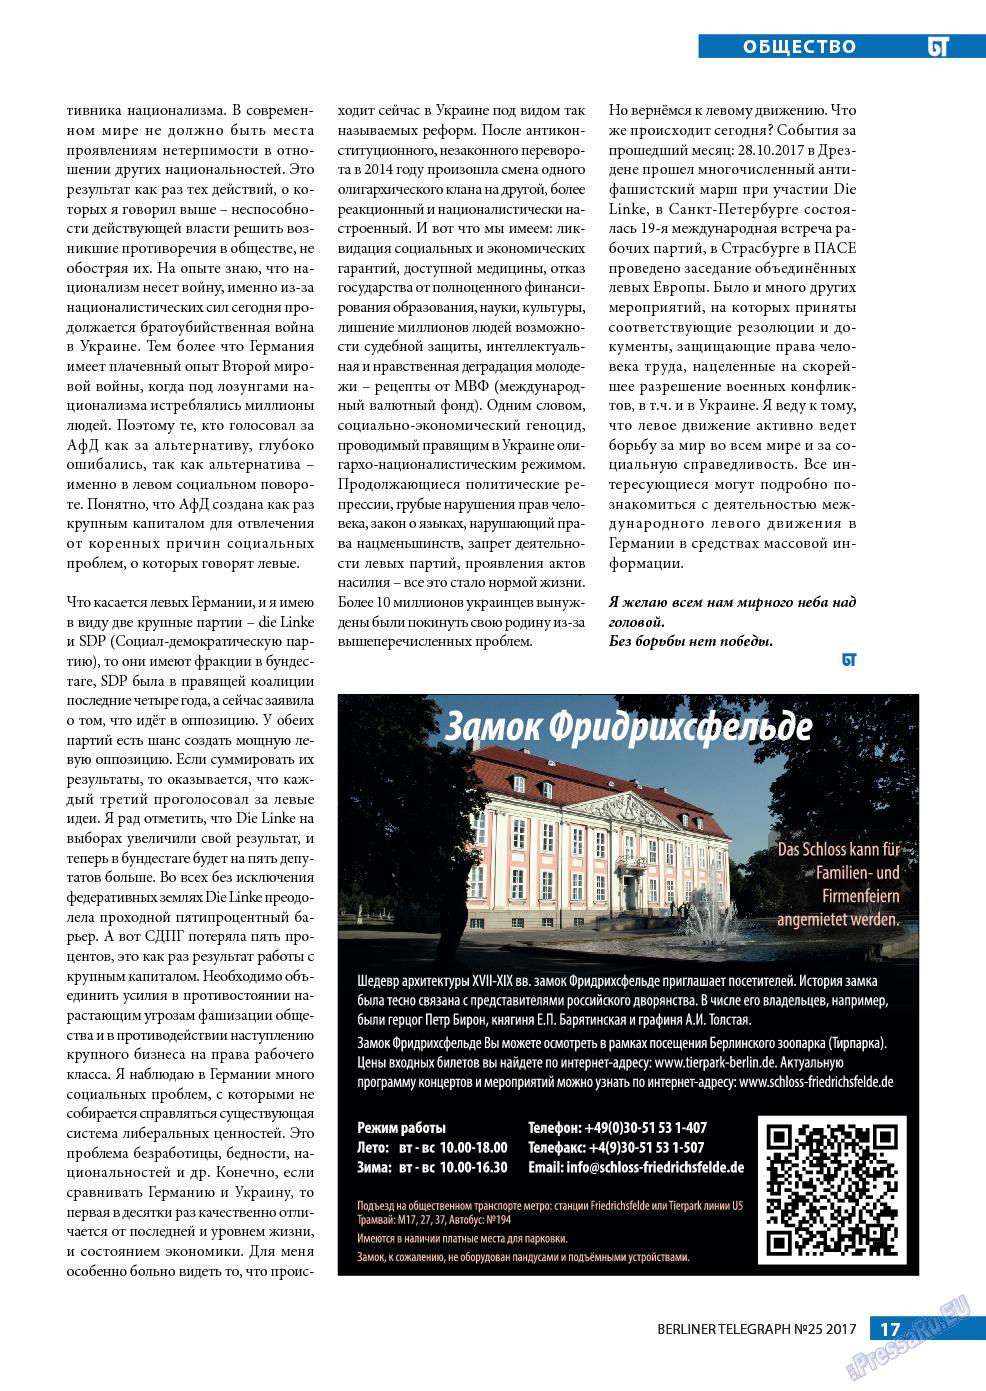 Берлинский телеграф (журнал). 2017 год, номер 25, стр. 17